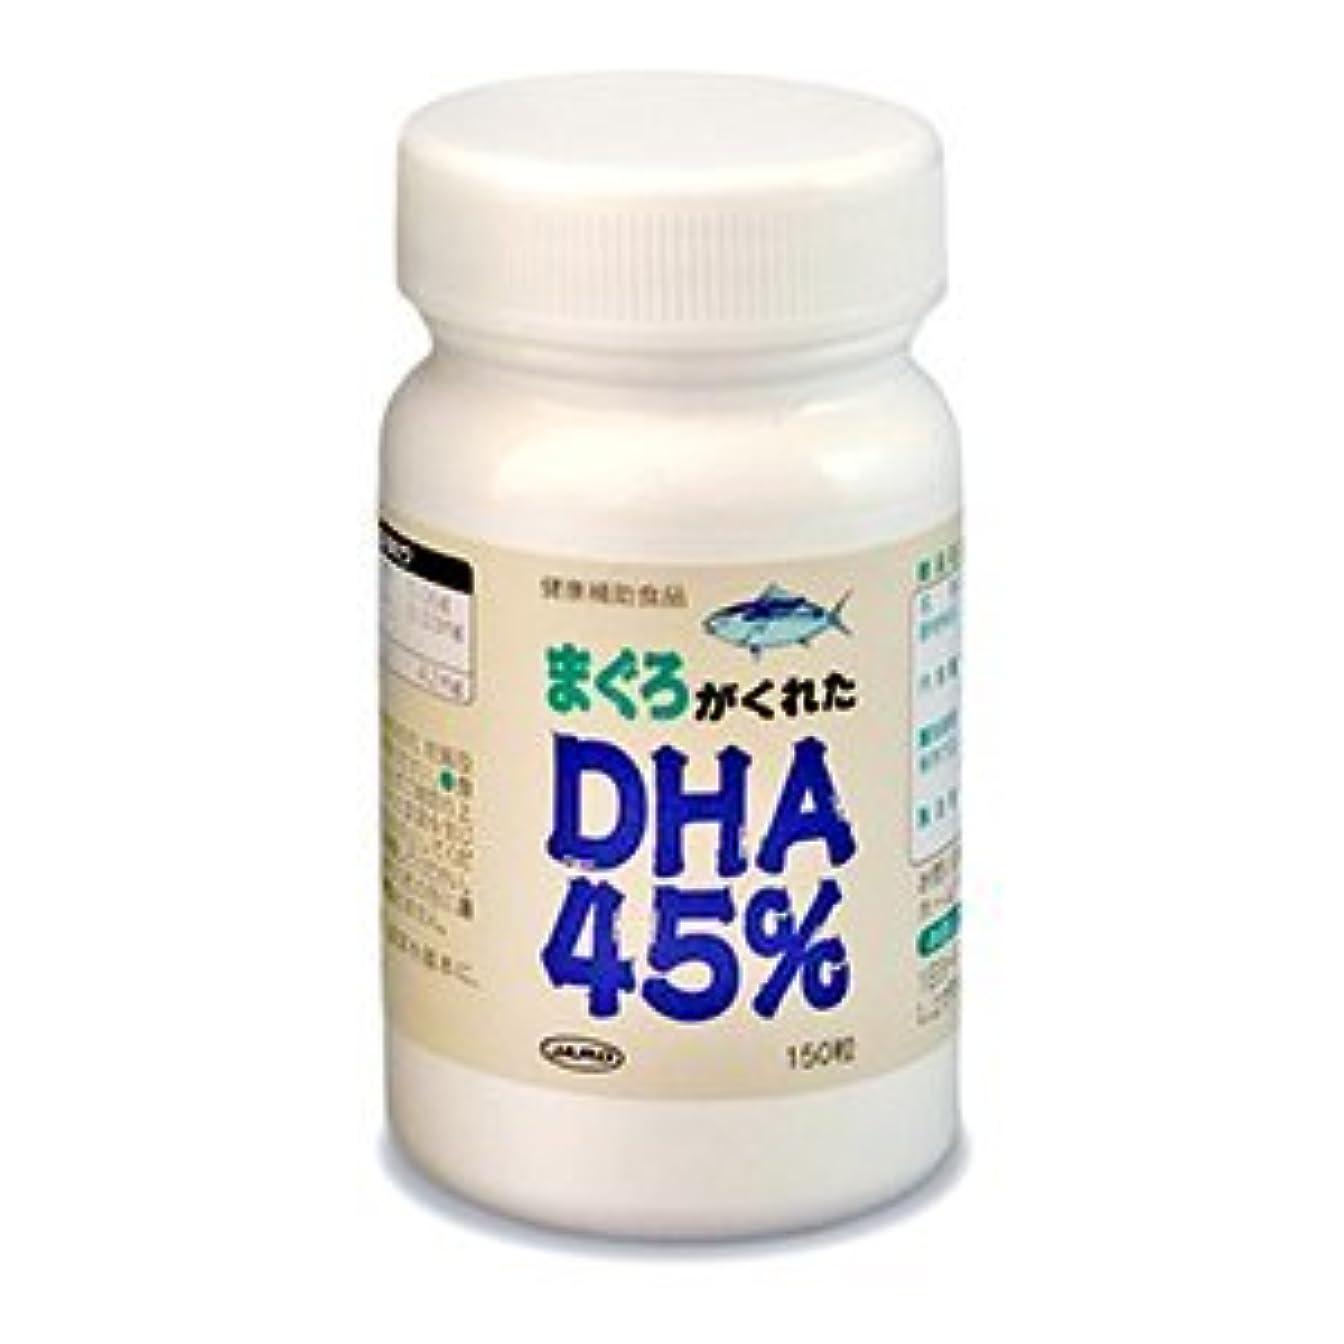 回転する不十分な喪まぐろがくれたDHA45% 150粒(約1ヶ月分)